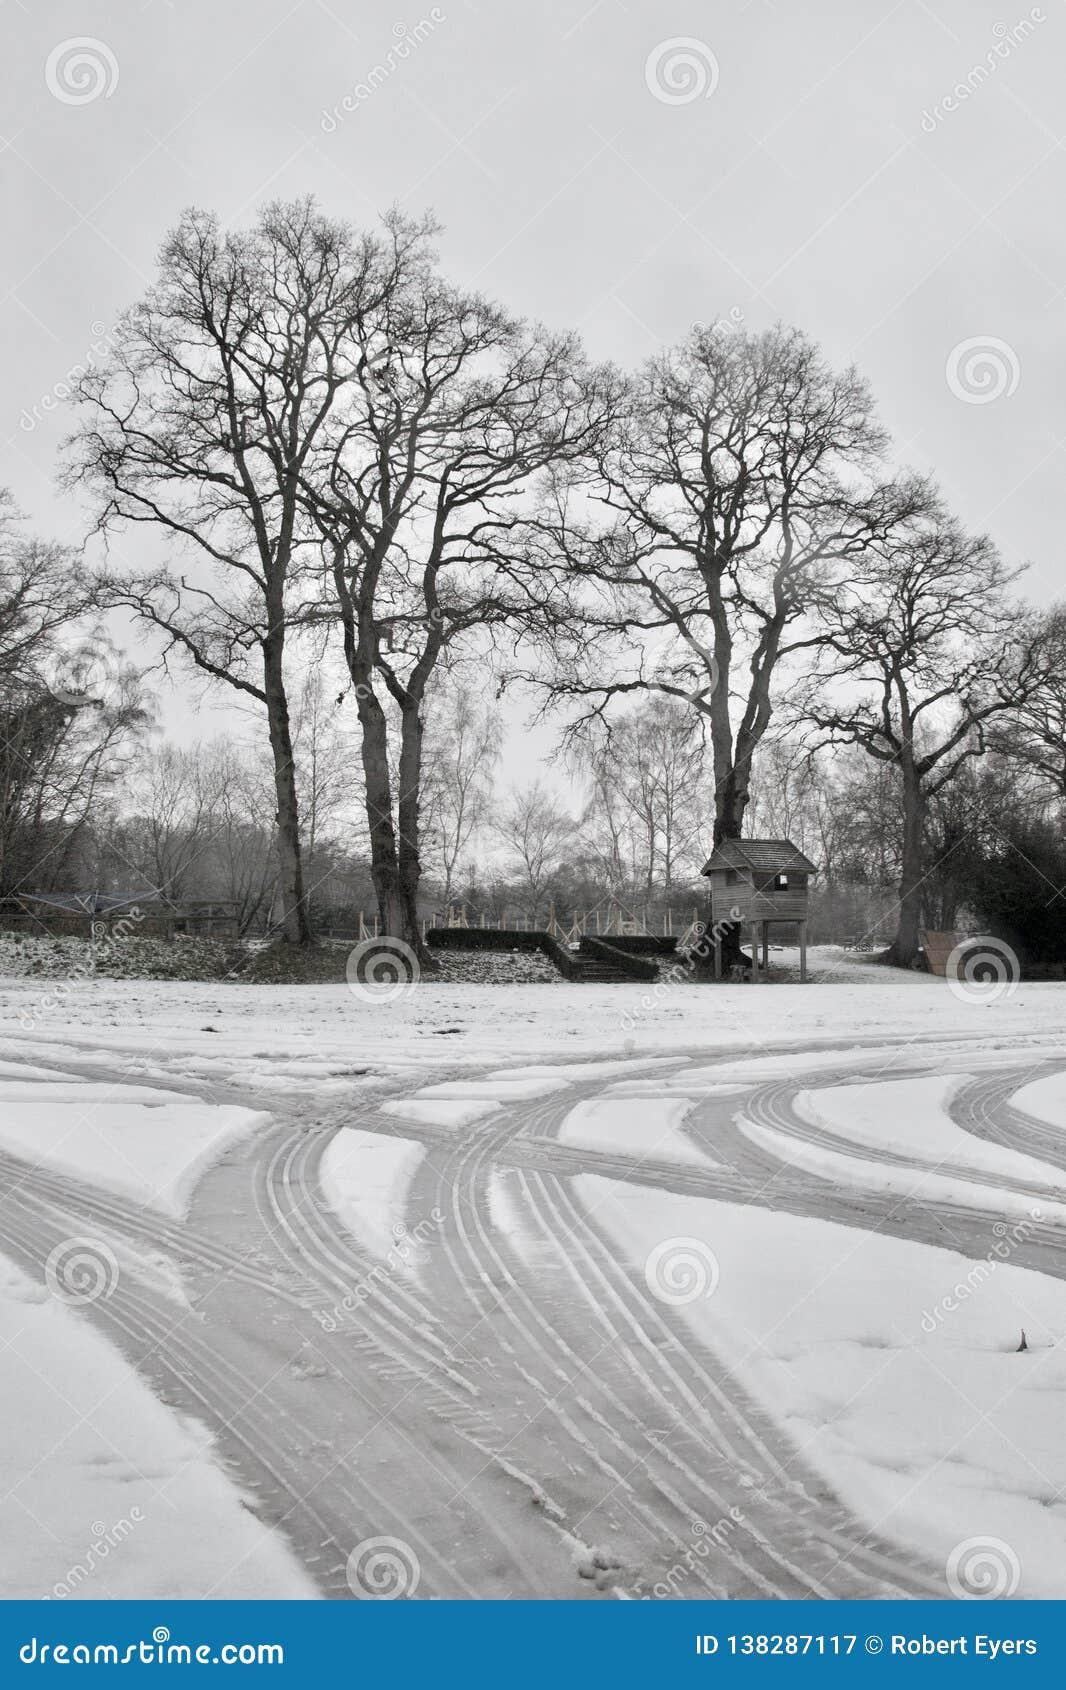 Samochodowi opona ślada w śniegu na podjeździe; nadzy zim drzewa i ogrodowy drzewny dom